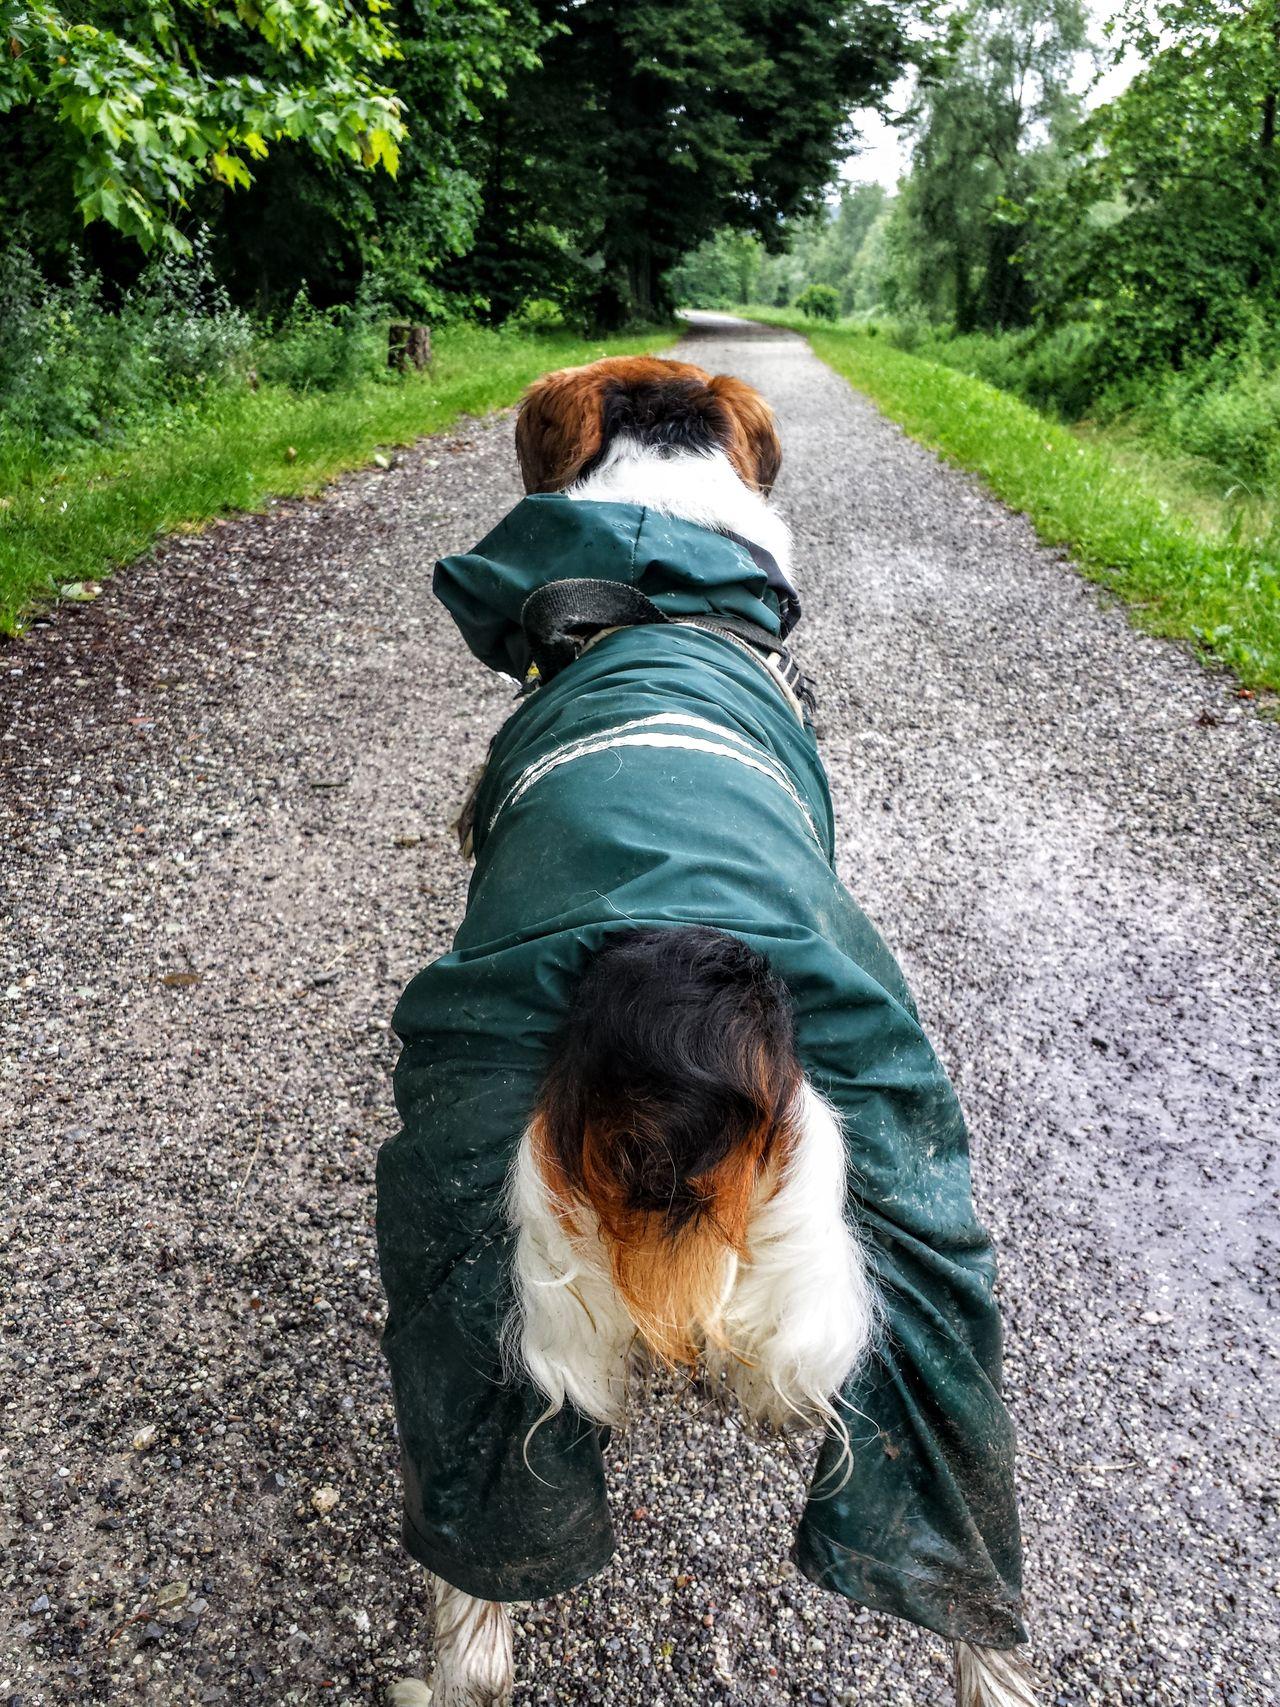 Dog Nemo Amazing Dog Casual Clothing Cute Dog  Dog Dog Day Dog Life Dog Of Eyeem Domestic Animals EyeEm Dog Pets Feel The Journey Showcase June